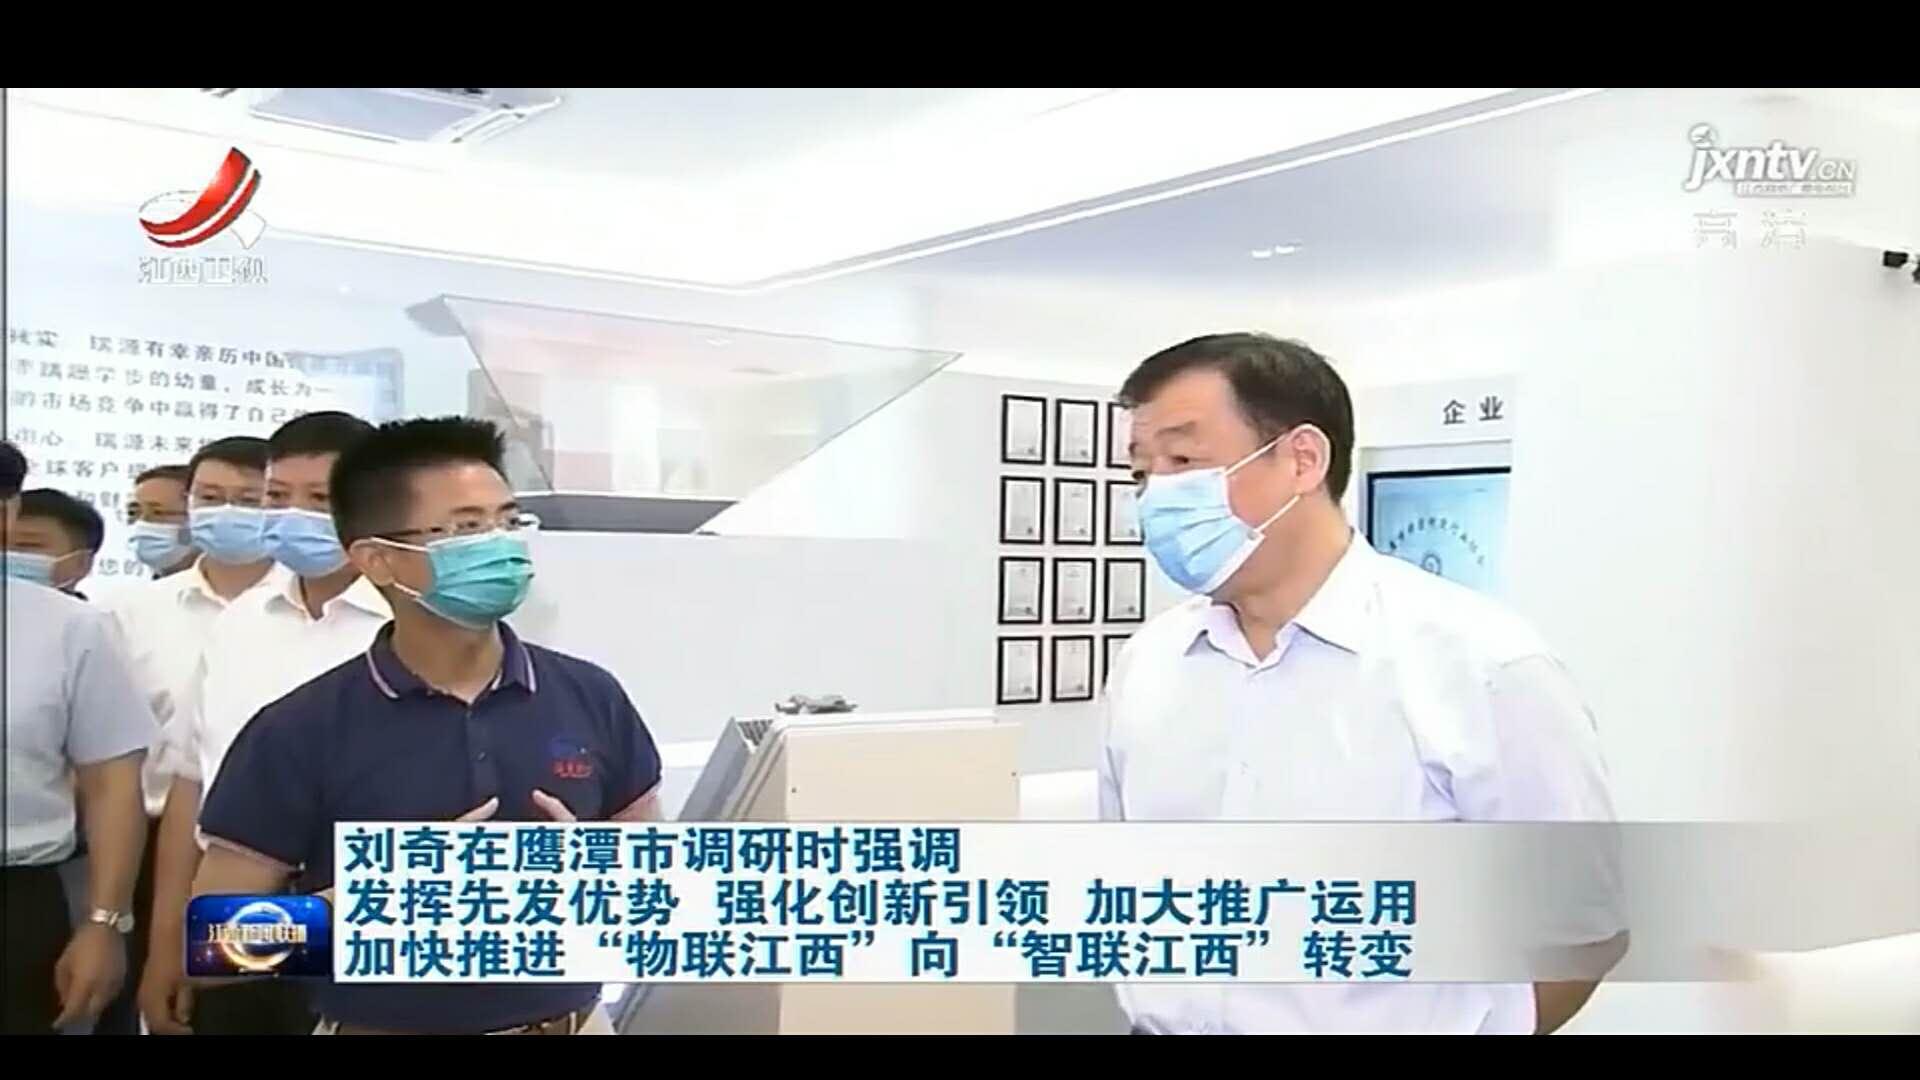 江西省委书记刘奇走进瑞源精密视察 :持续创新 争做行业小巨人